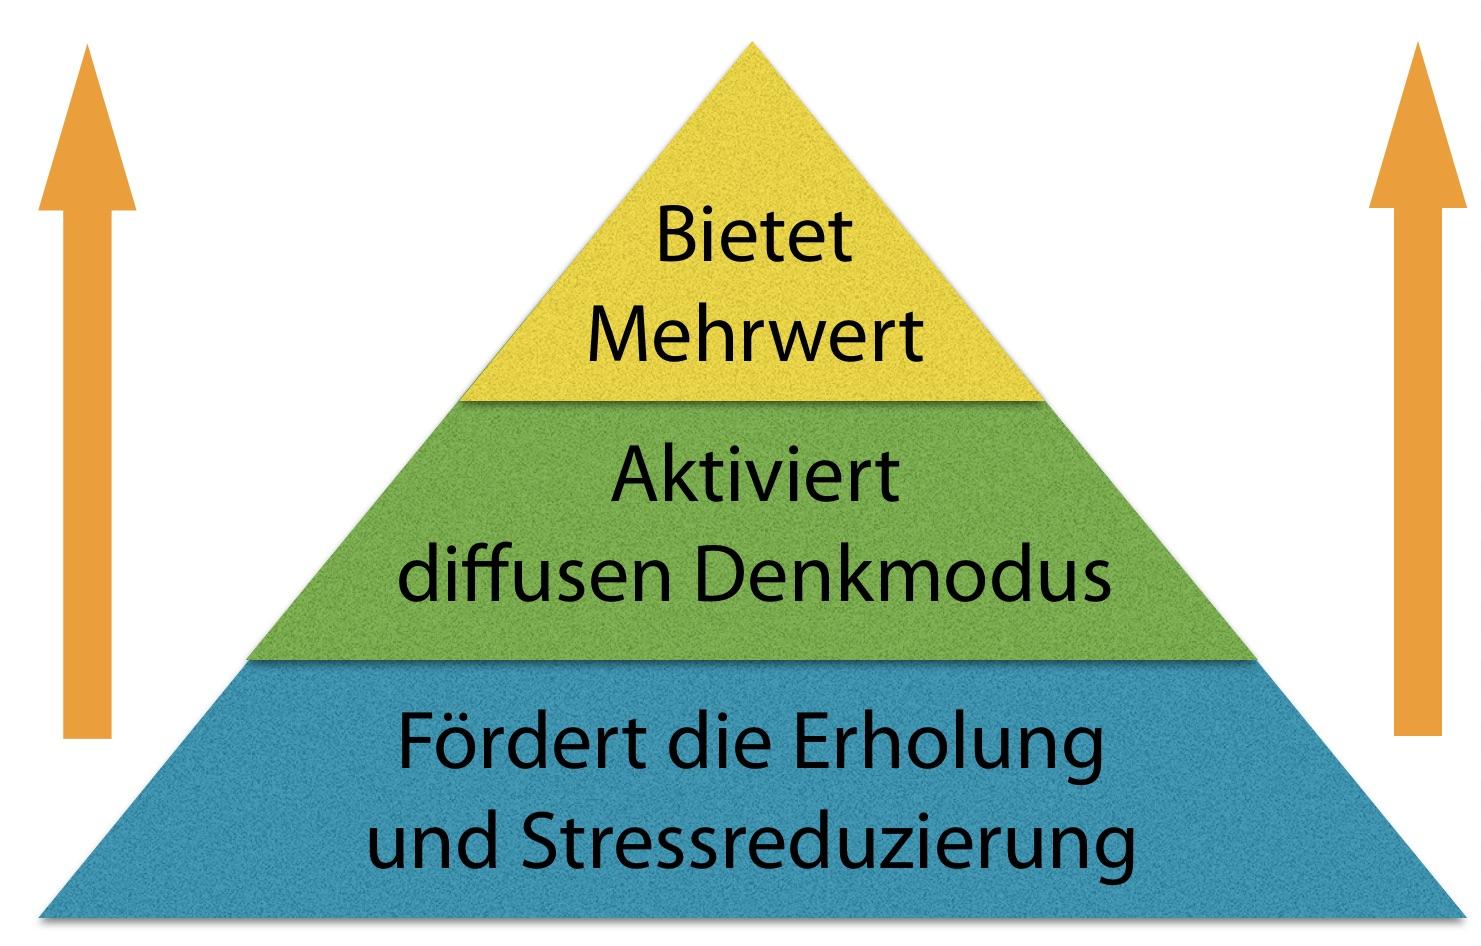 lernfeaigkeit-steigern-pyramide-der-pausen